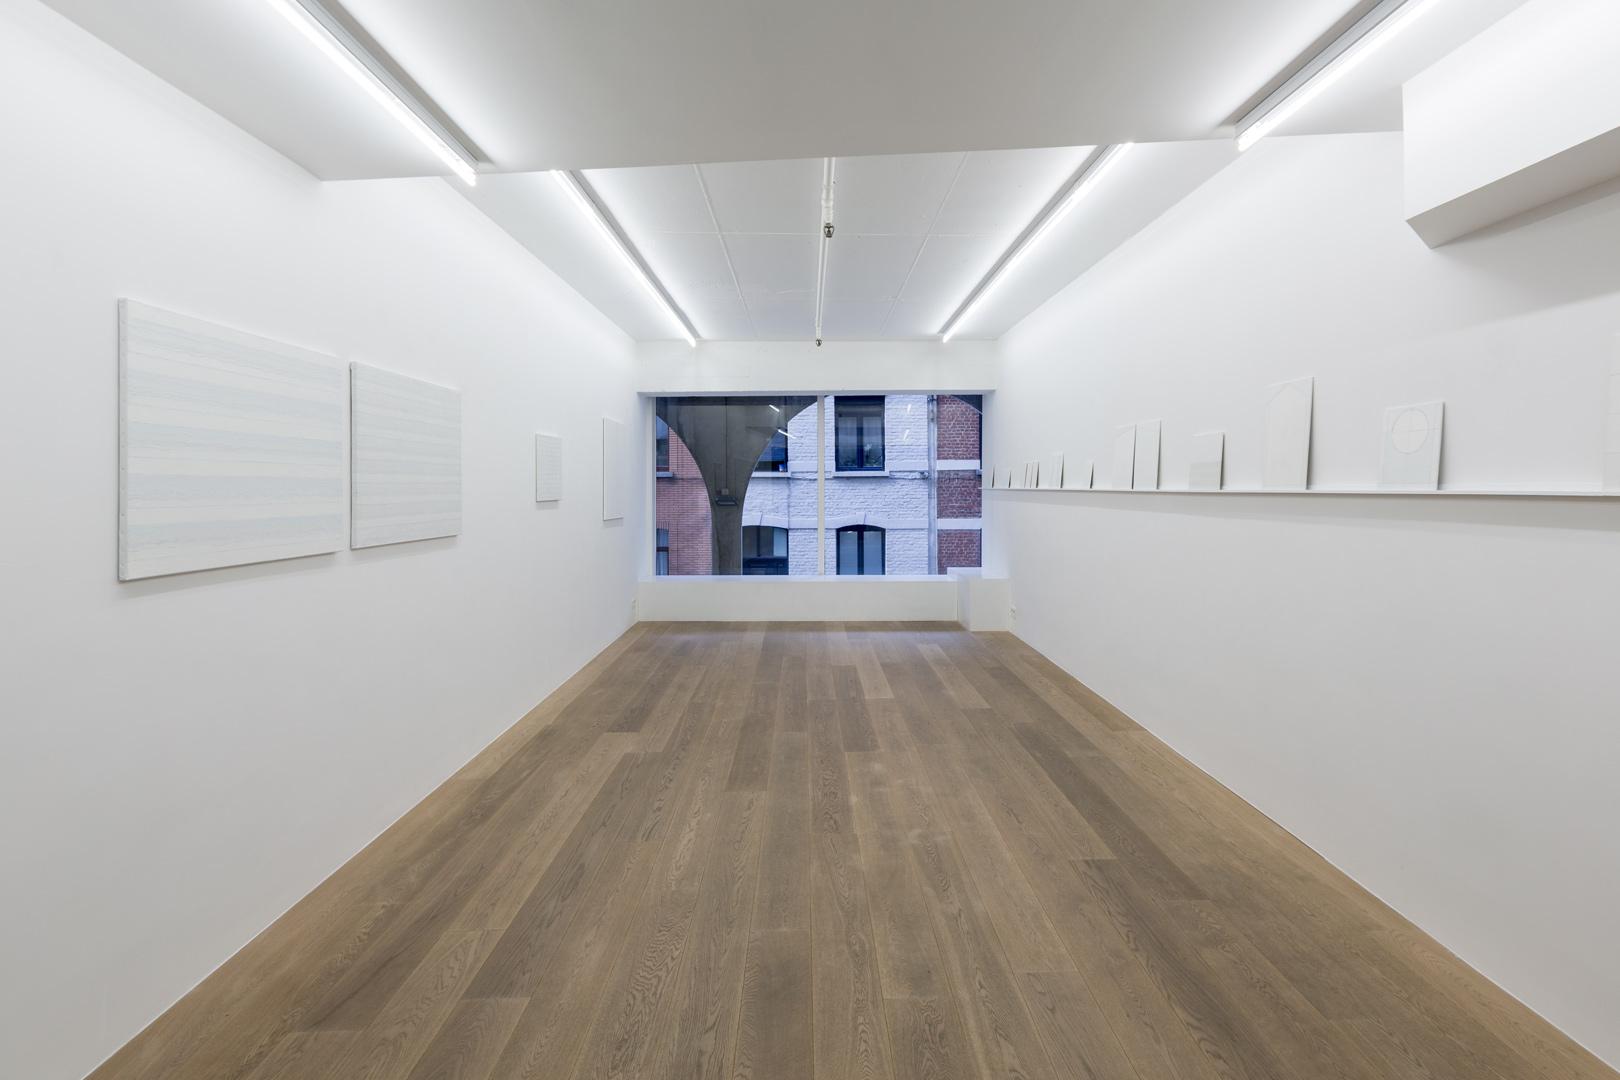 Etienne van Doorslaer. De witgekalkte klaarte Exhibition view